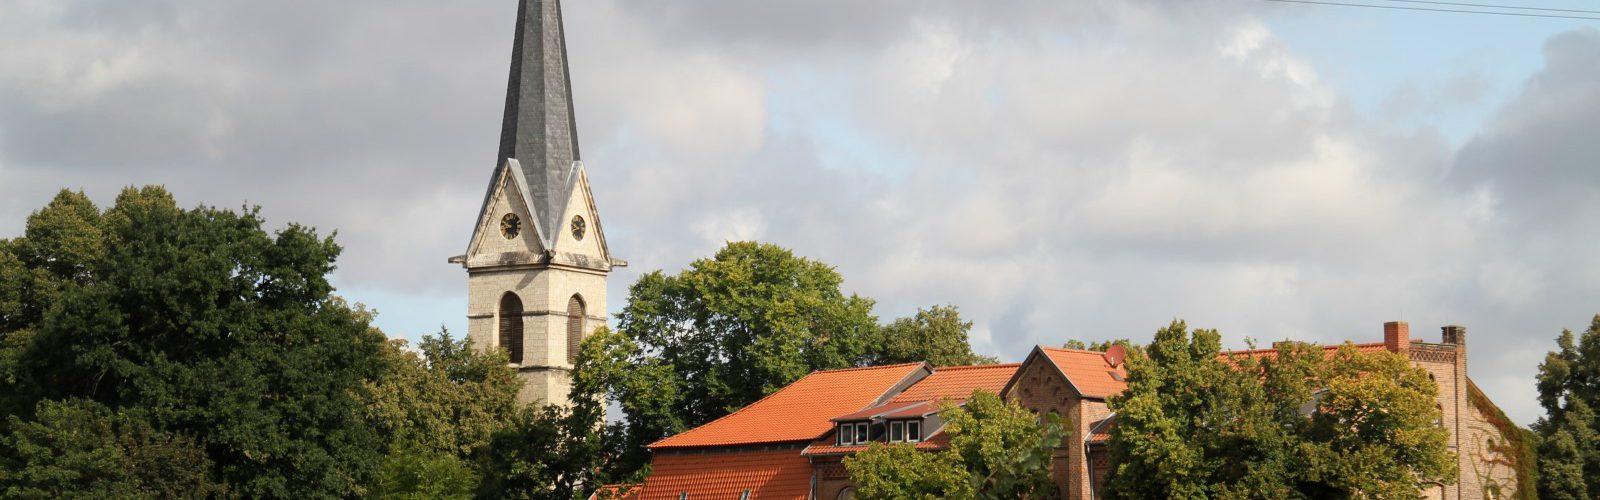 Kirche St.-Stephani-Kirche